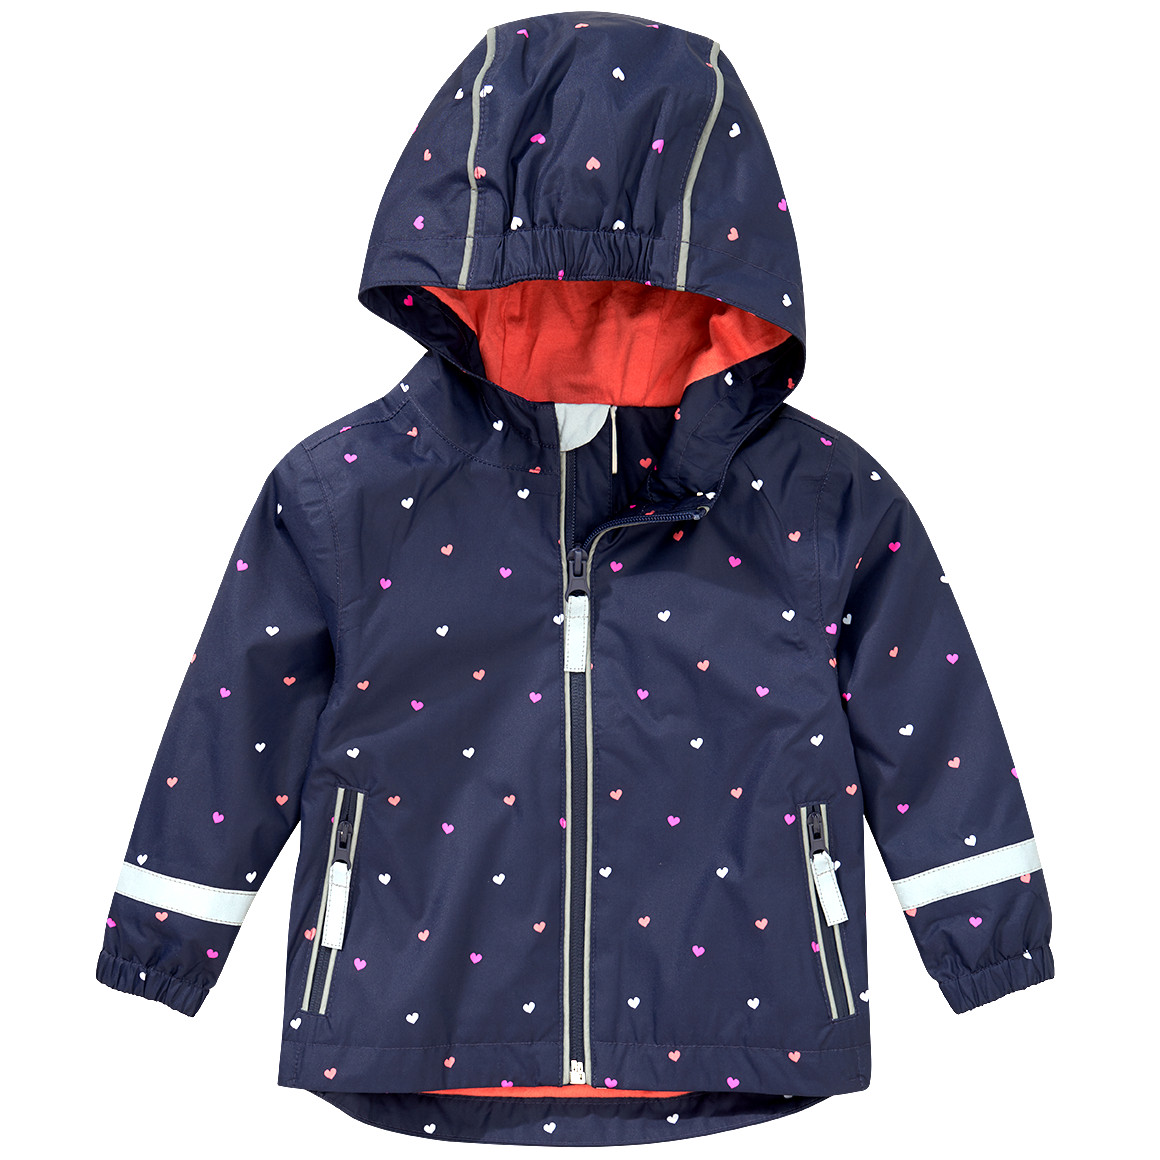 Baby Regenjacke mit Herz Allover